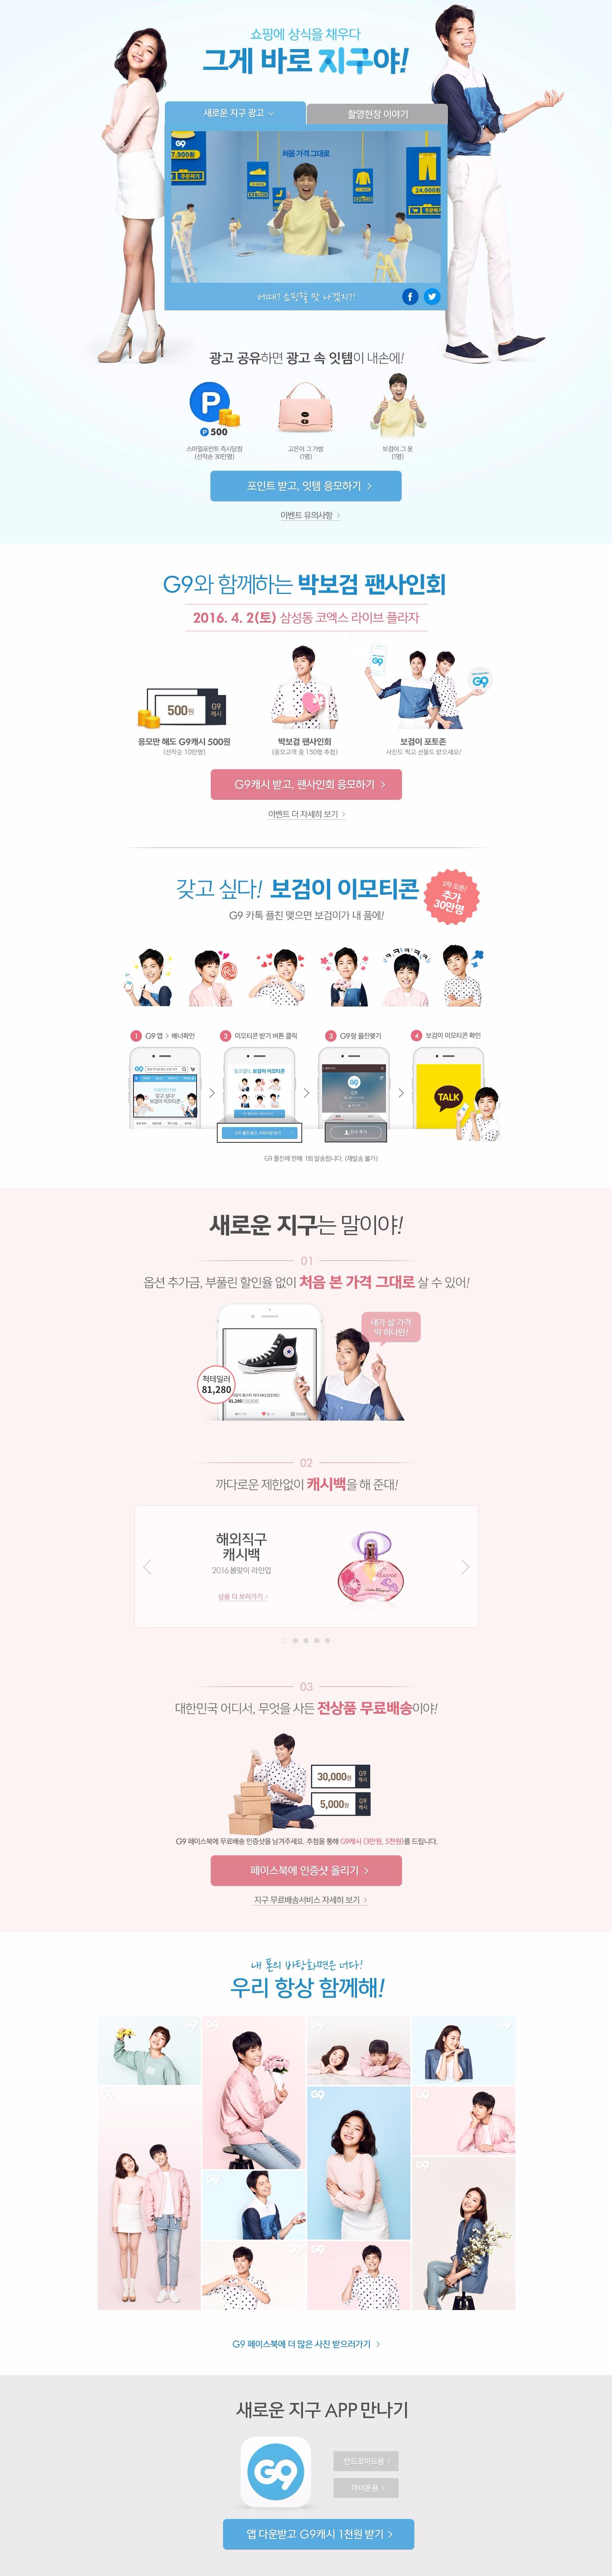 G9 - 박보검, 김고은 2016년 새 광고 이벤트. Brand Campaign 2016